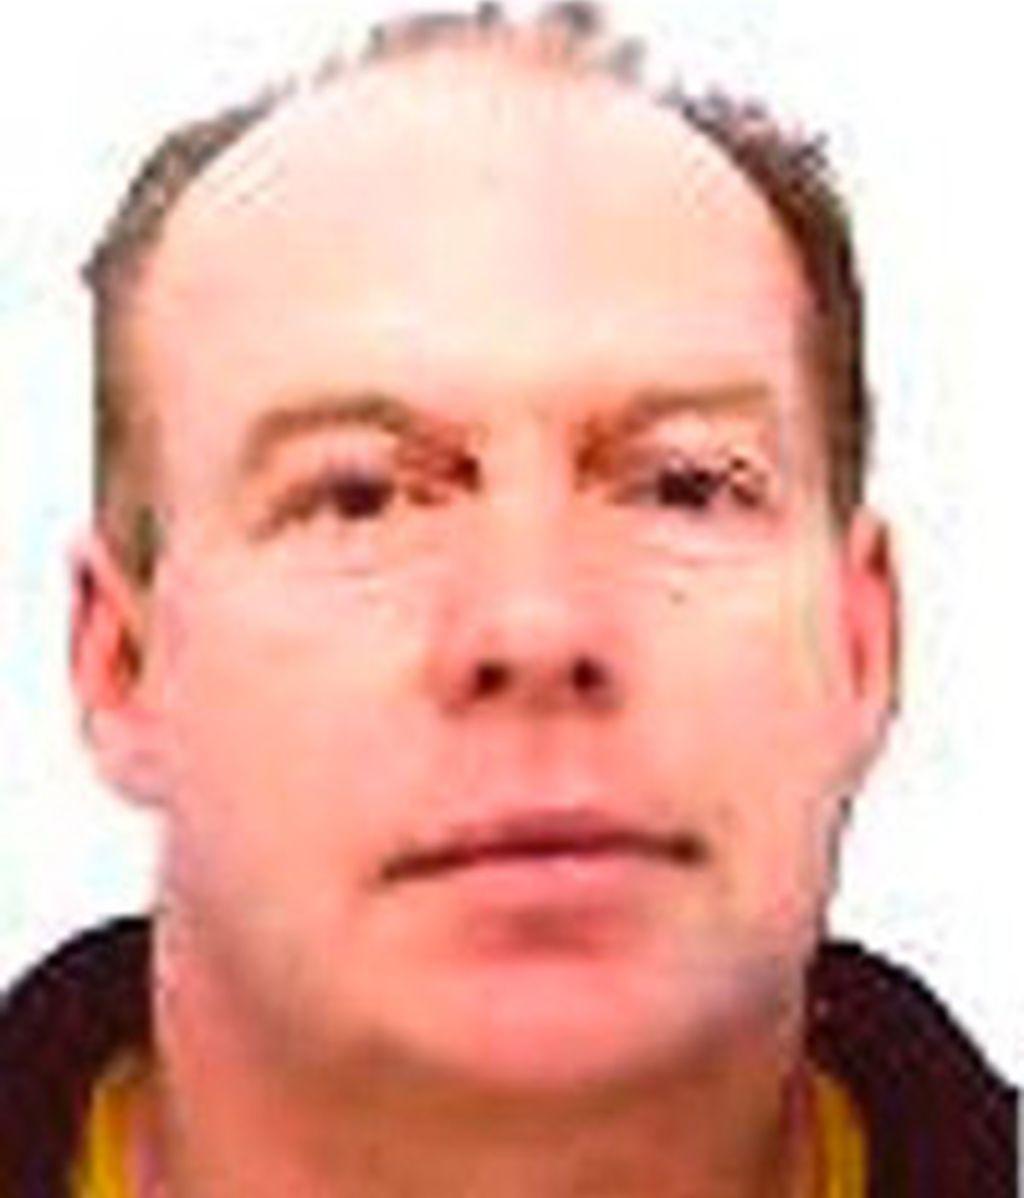 Mueren cinco personas víctimas de un francotirador en la región de Cumbria (Londres)